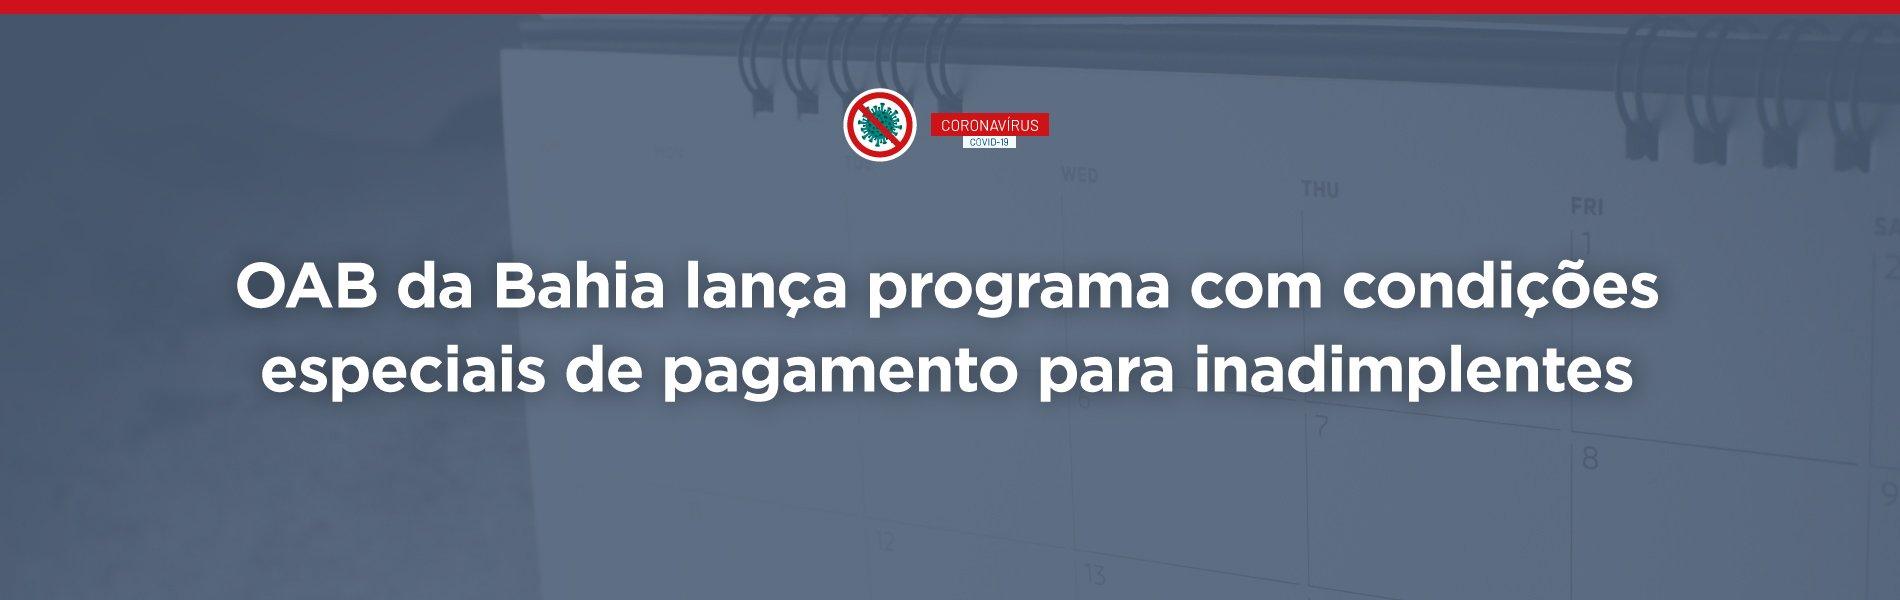 [OAB da Bahia lança programa com condições especiais de pagamento para inadimplentes]